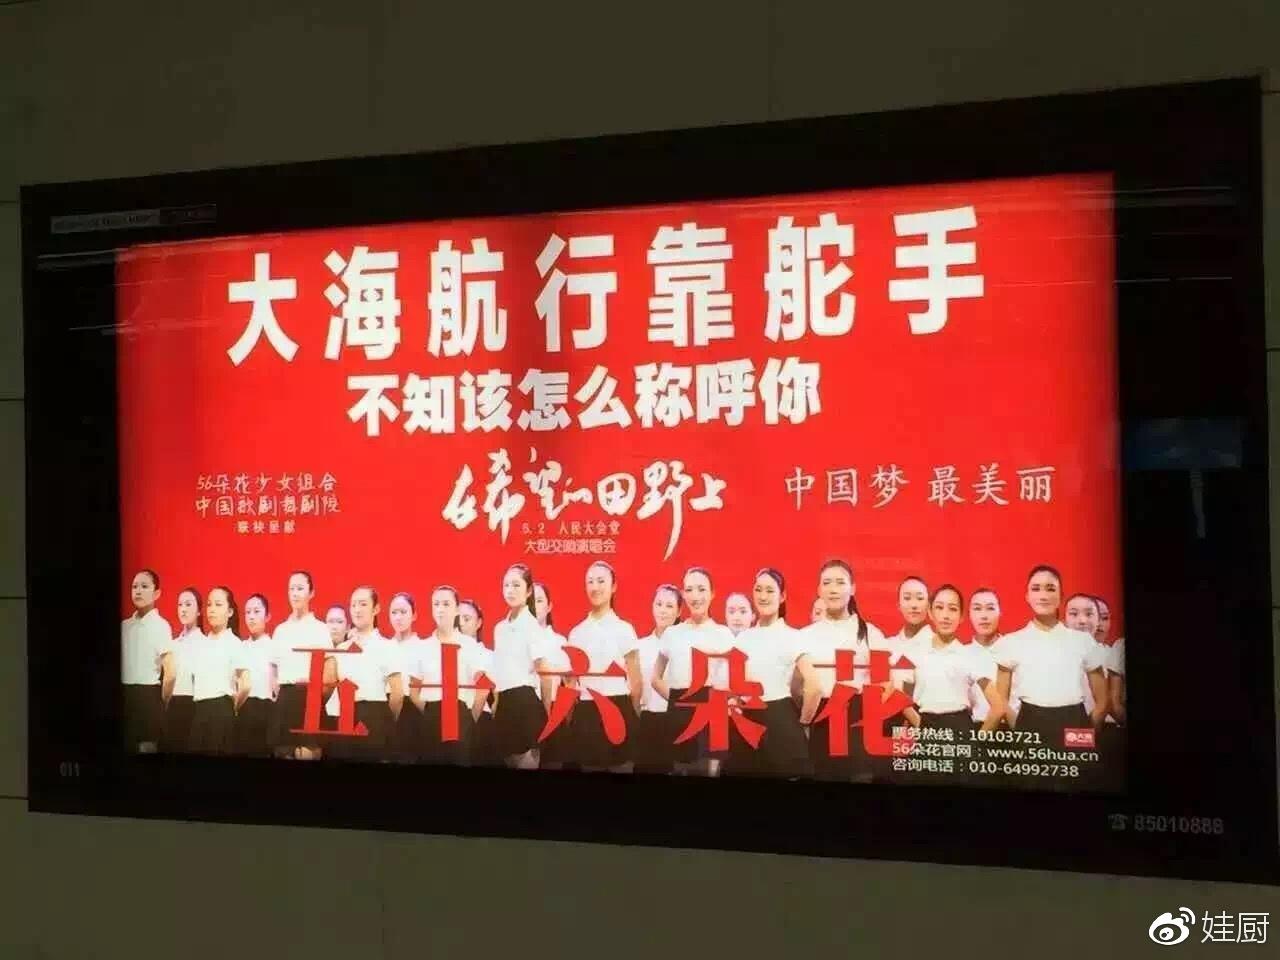 北京地铁媒体上播放的宣传短片